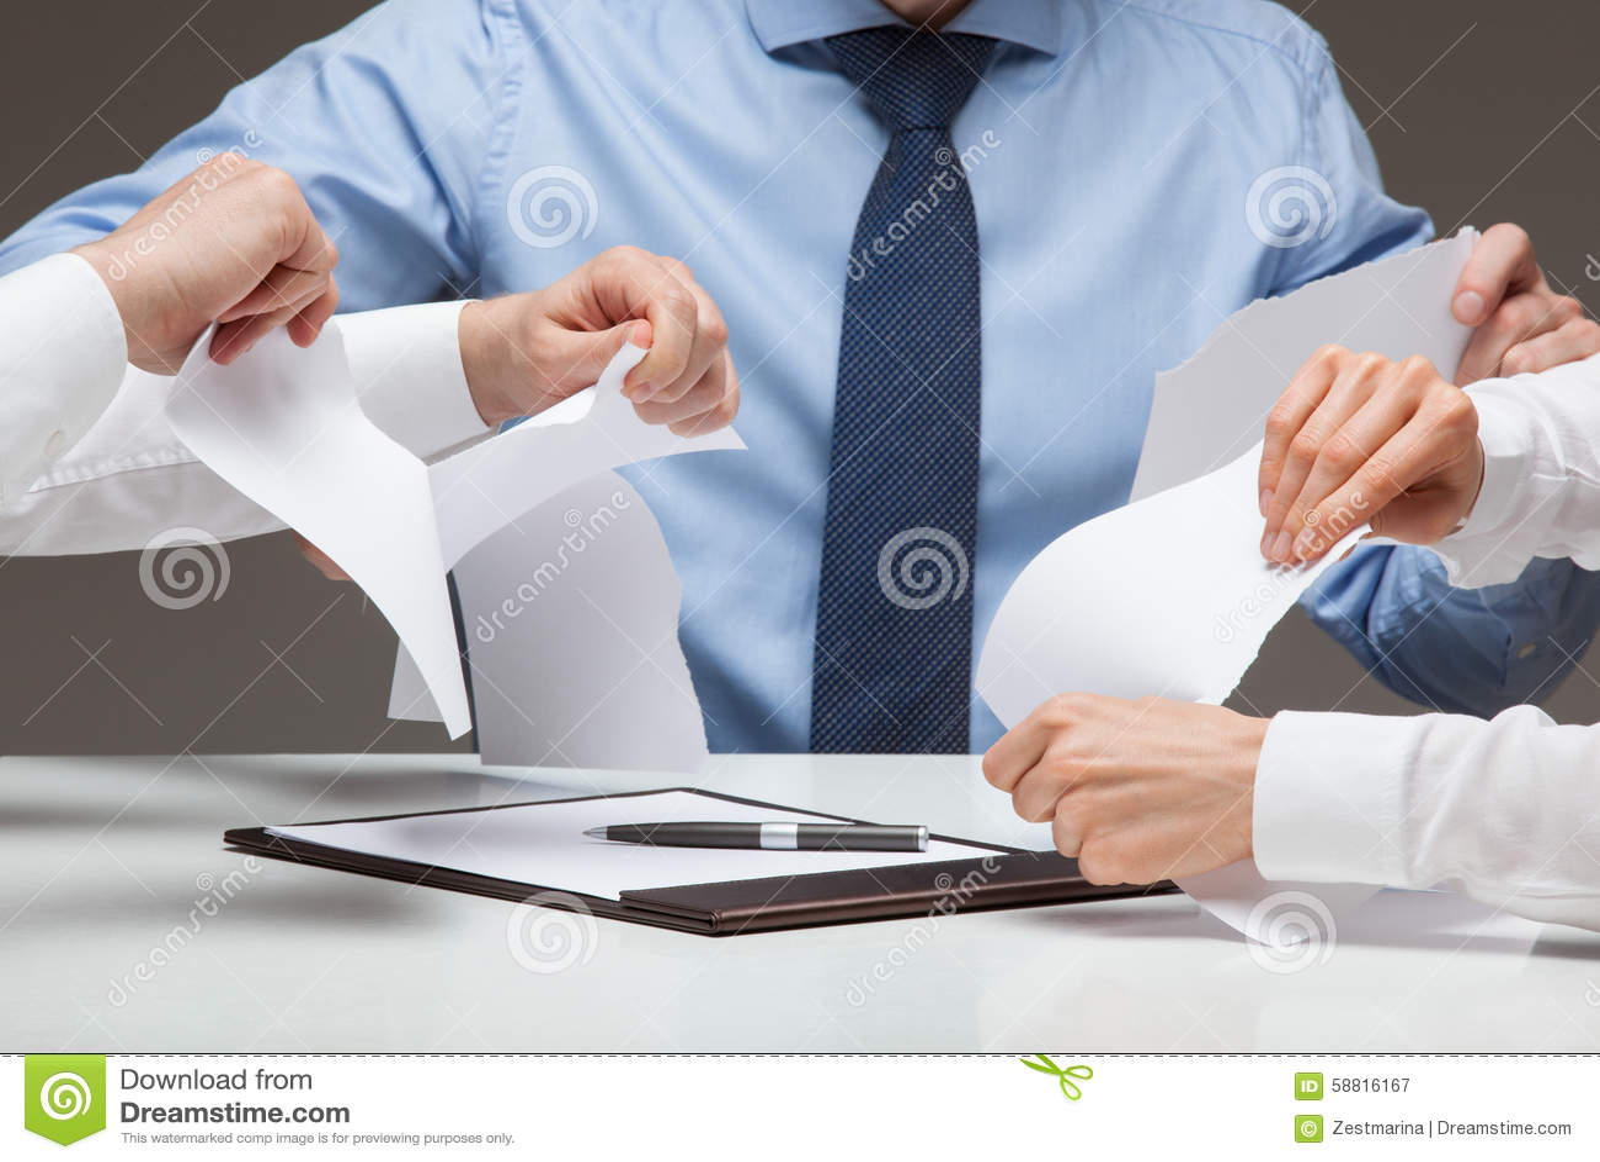 Gens d affaires déchirant cruel des documents